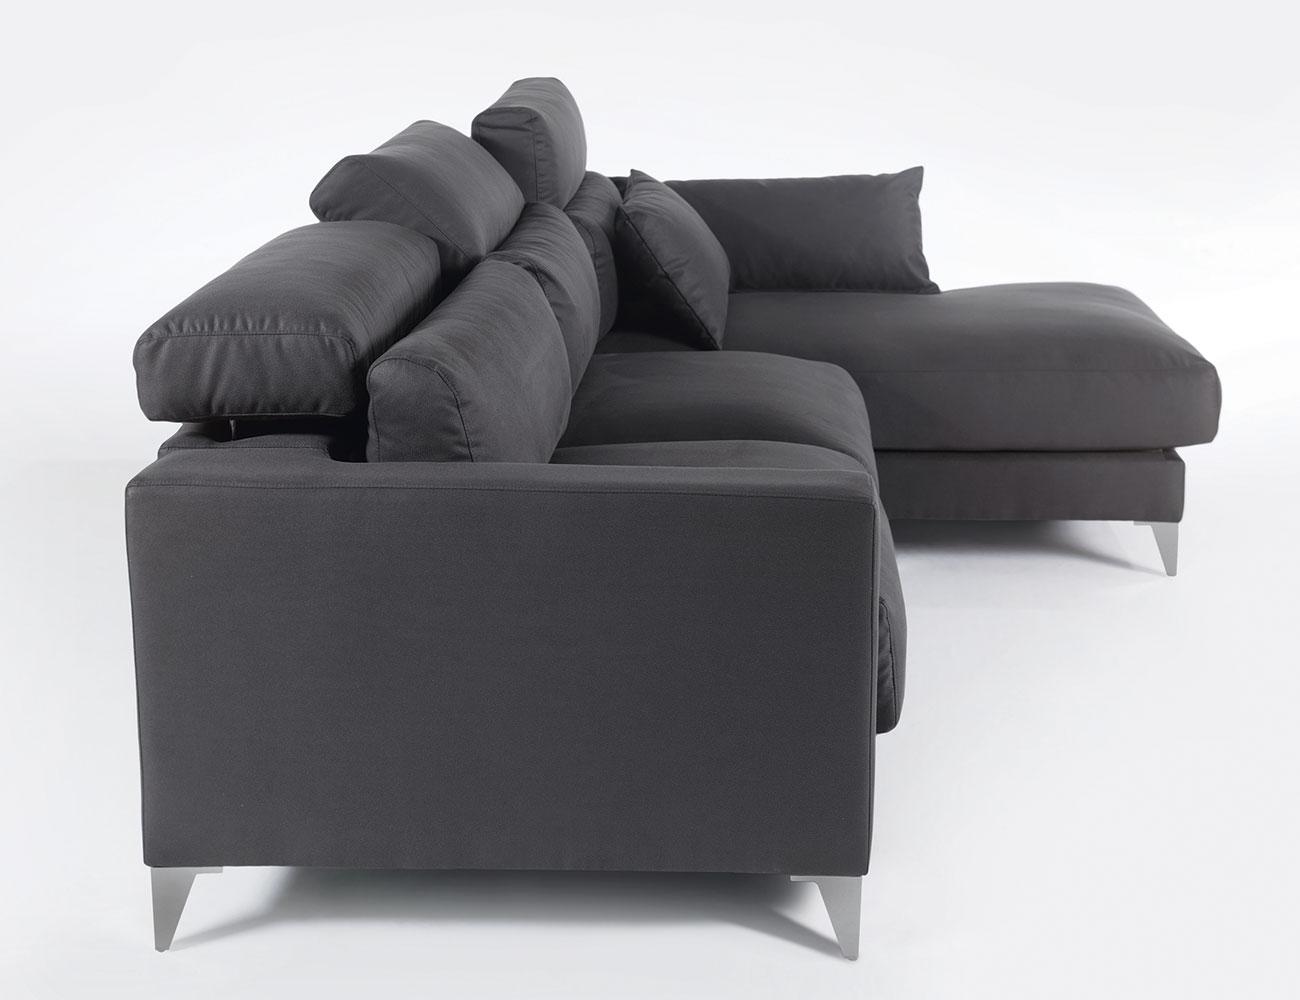 Sofa chaiselongue gran lujo decorativo grafito 120